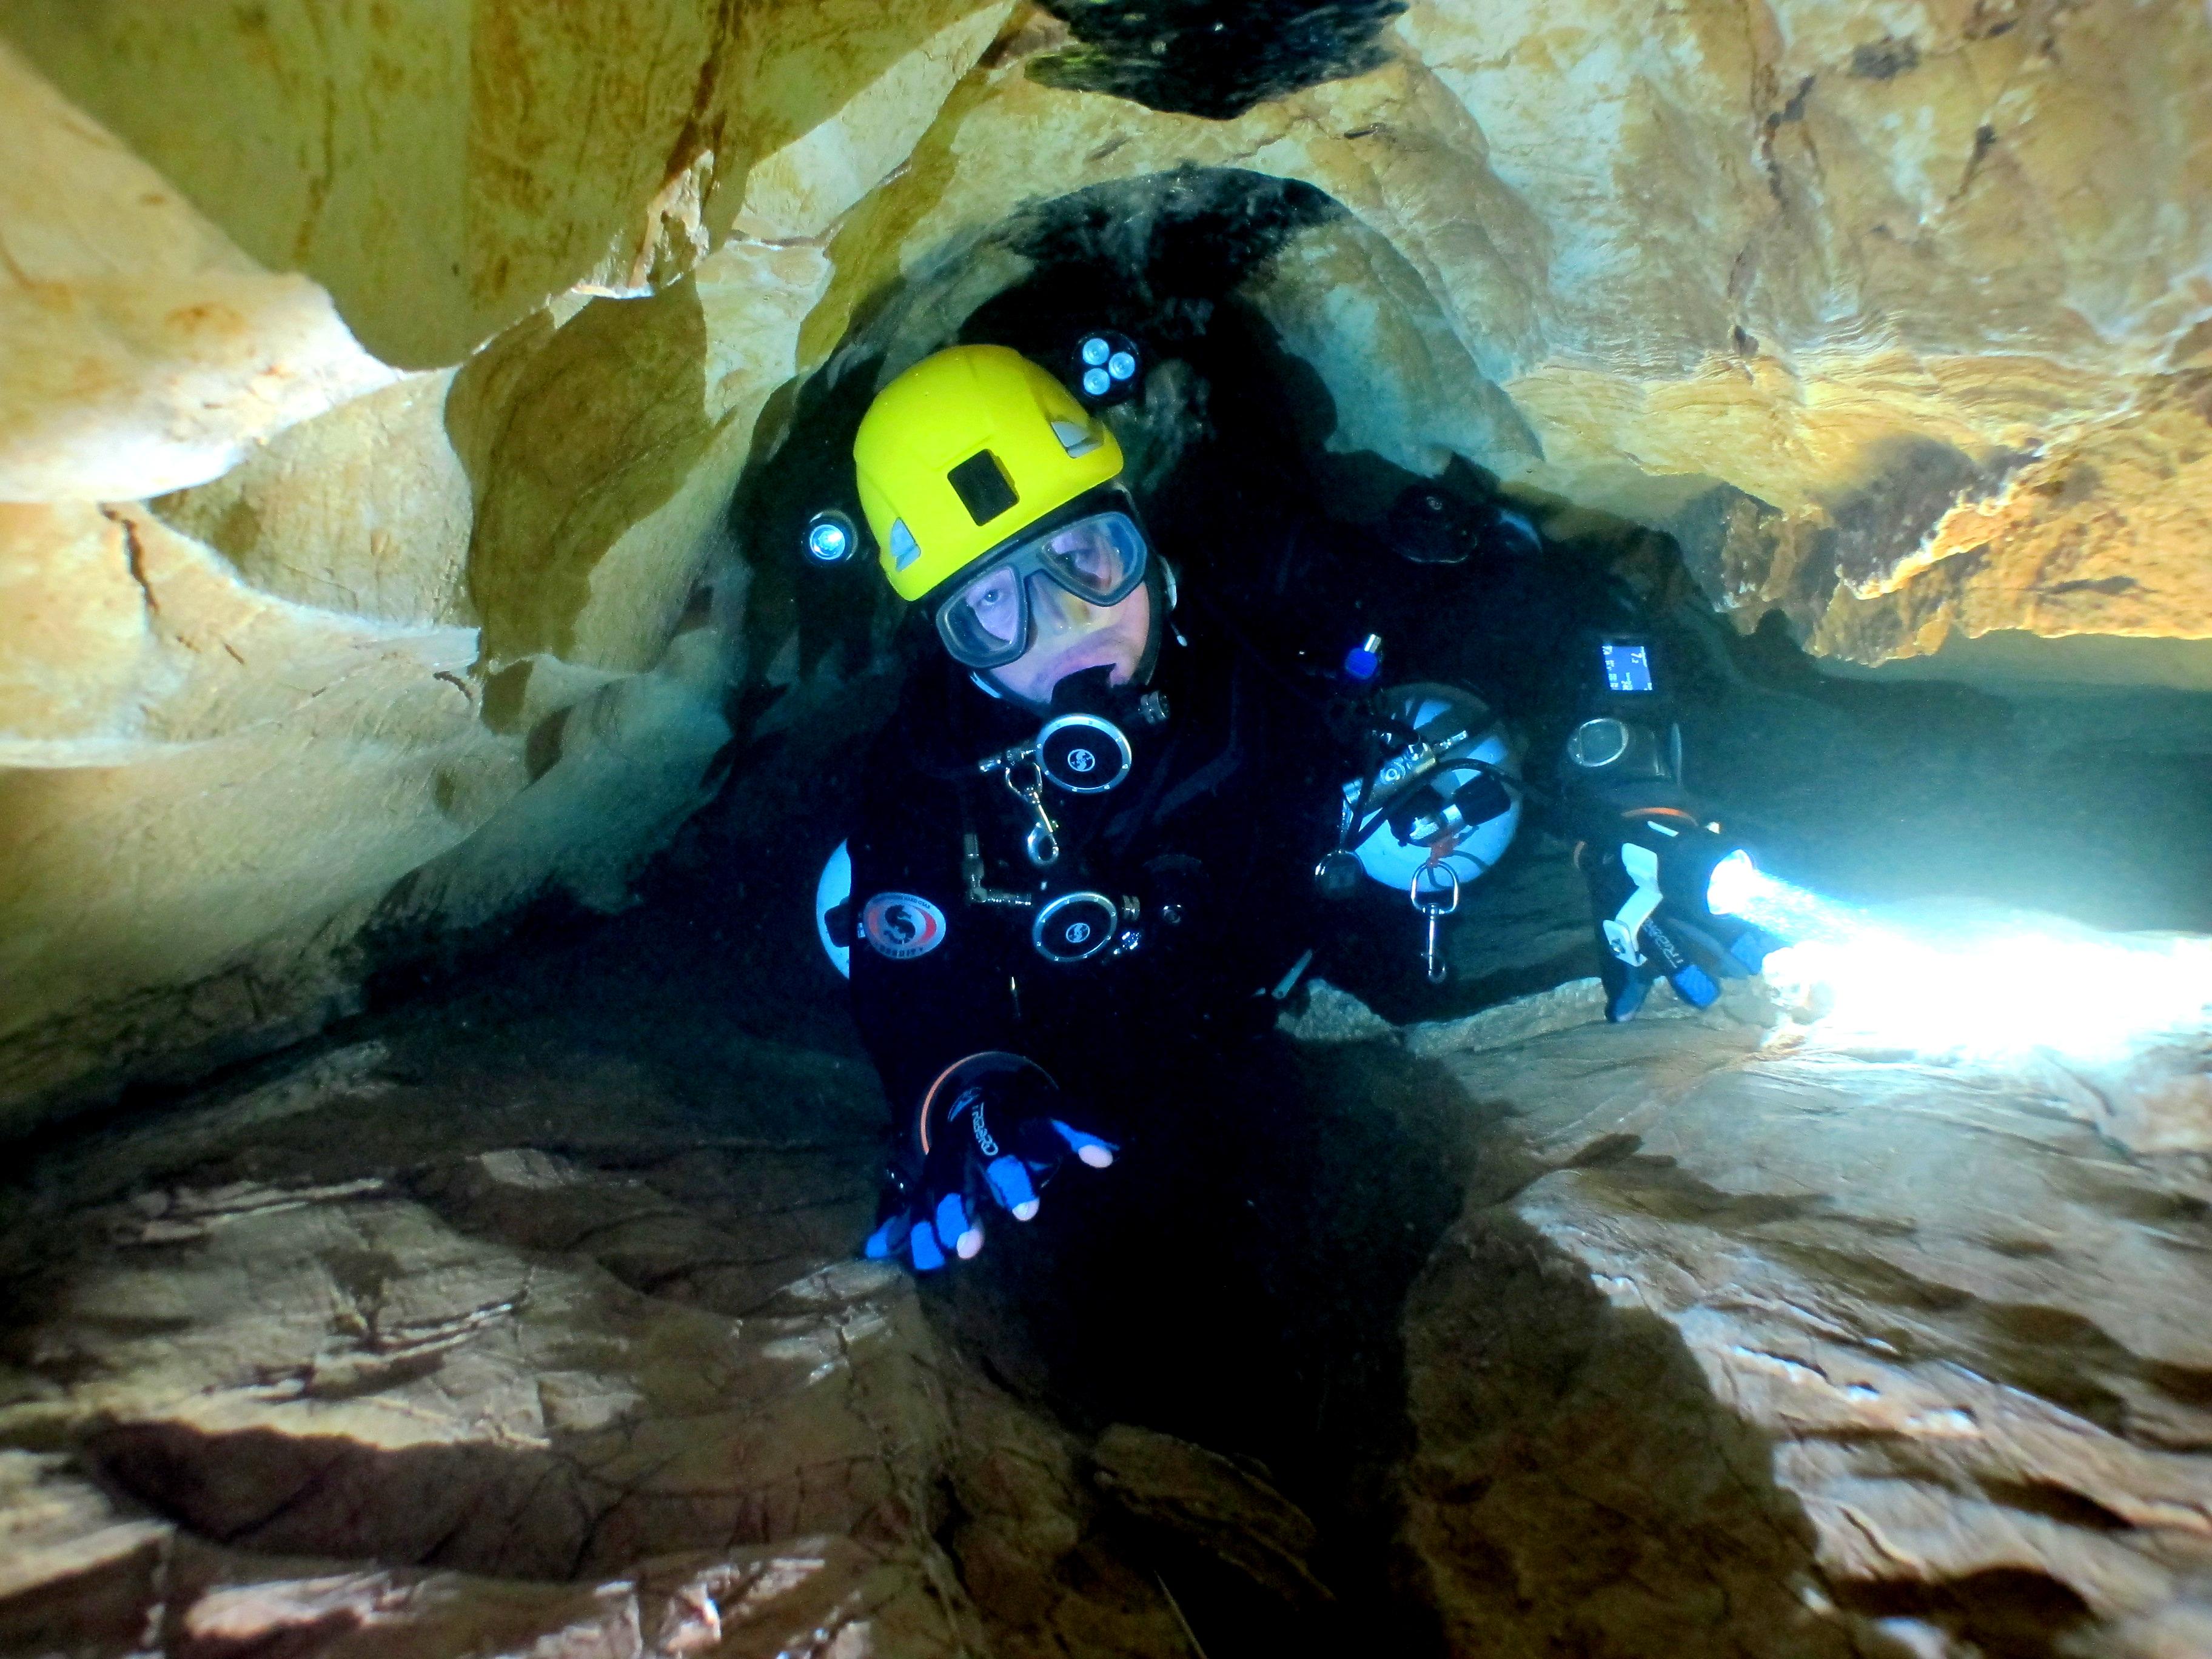 La plongée souterraine attire de plus en plus d'adepte en France et dans le monde. ©Pierre-Éric Deseigne